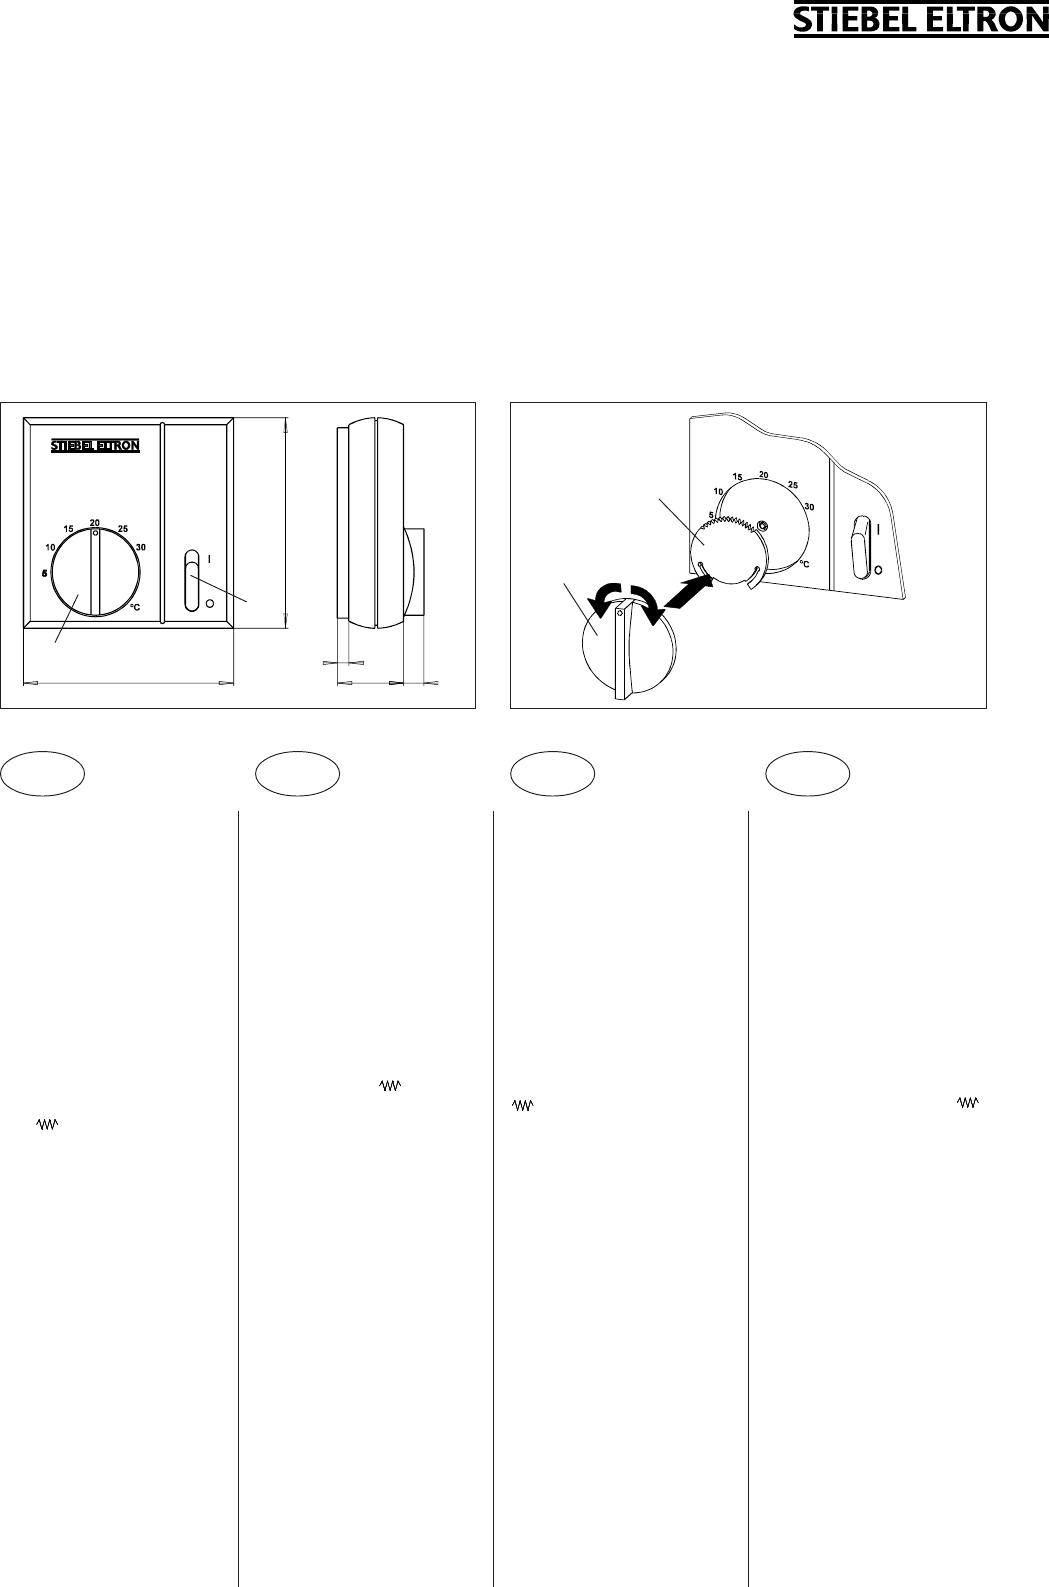 bedienungsanleitung stiebel eltron rtu s seite 1 von 2 deutsch englisch franz sisch. Black Bedroom Furniture Sets. Home Design Ideas